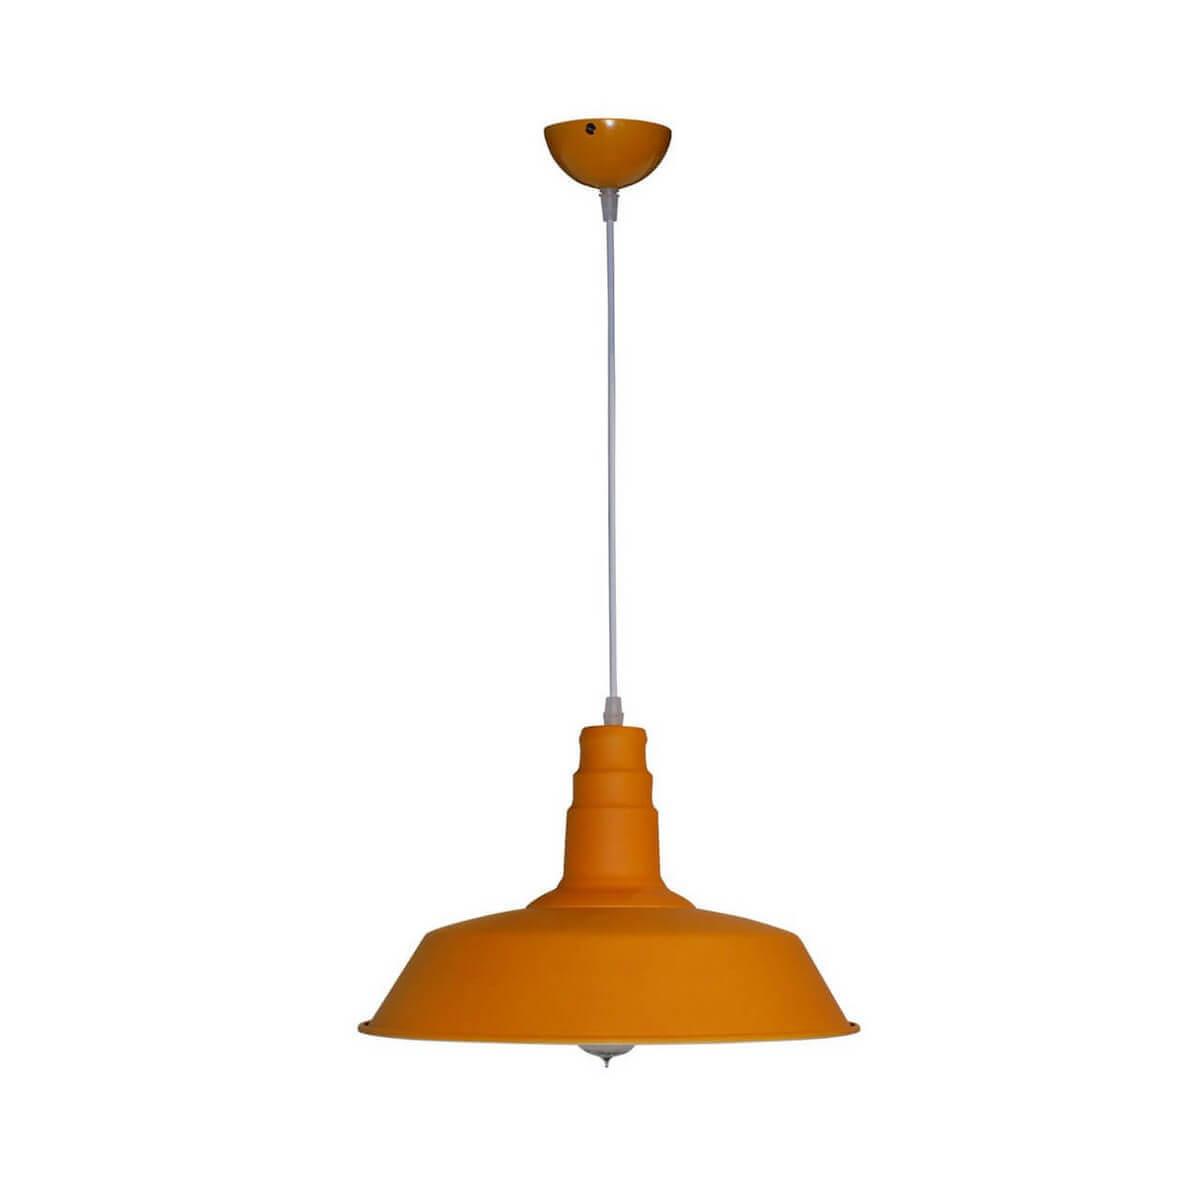 Подвесной светильник Kink Light Аплик 08301,09 kink light подвес оскар оранжевый h 120 w 51 36 e27 3 60w